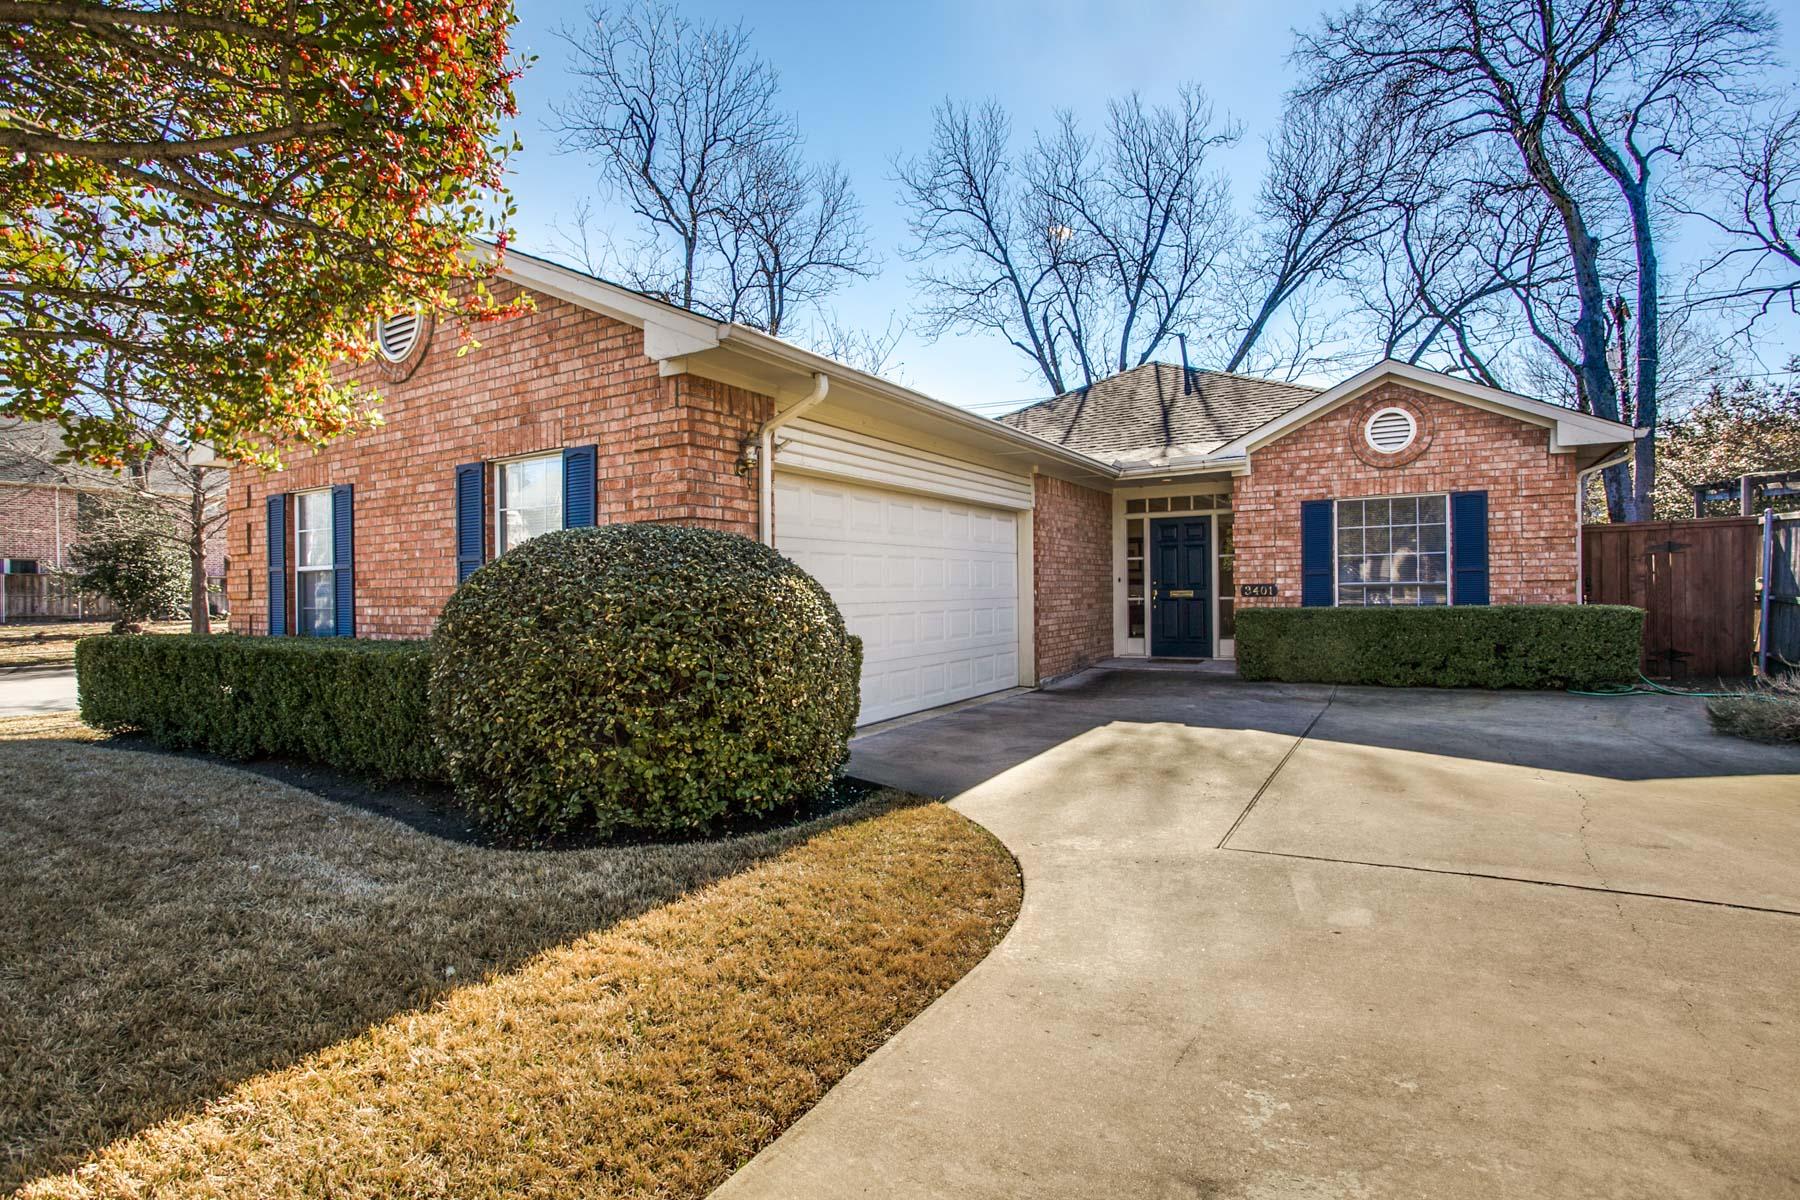 Maison unifamiliale pour l Vente à 3401 Amherst Ave, Dallas Dallas, Texas, 75225 États-Unis